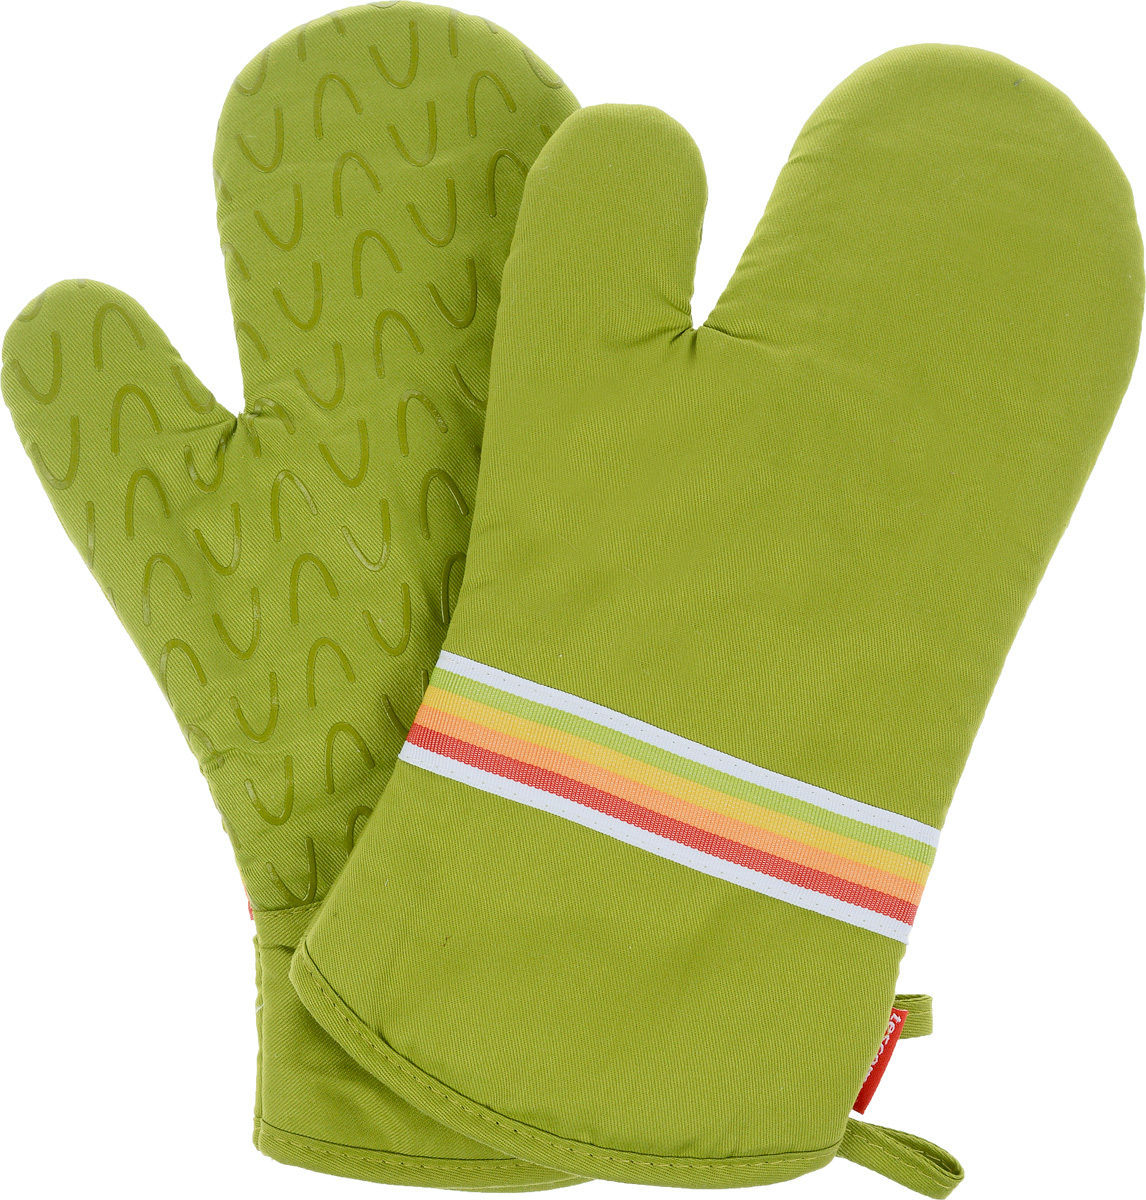 Рукавица-прихватка Tescoma Presto Tone, цвет: зеленый, 33 х 18 см, 2 штVT-1520(SR)Рукавица-прихватка Tescoma Presto Tone, изготовленная из 100% хлопка и термостойкого силикона, имеет яркий дизайн. Для простоты и удобства хранения, изделие оснащено петелькой для подвешивания и магнитом. Такая прихватка защитит ваши руки от высоких температур и предотвратит появление ожогов. Рекомендуется стирка при температуре 30°С. Размер изделия (ДхШ): 33 х 18 см.Комплектация: 2 шт.